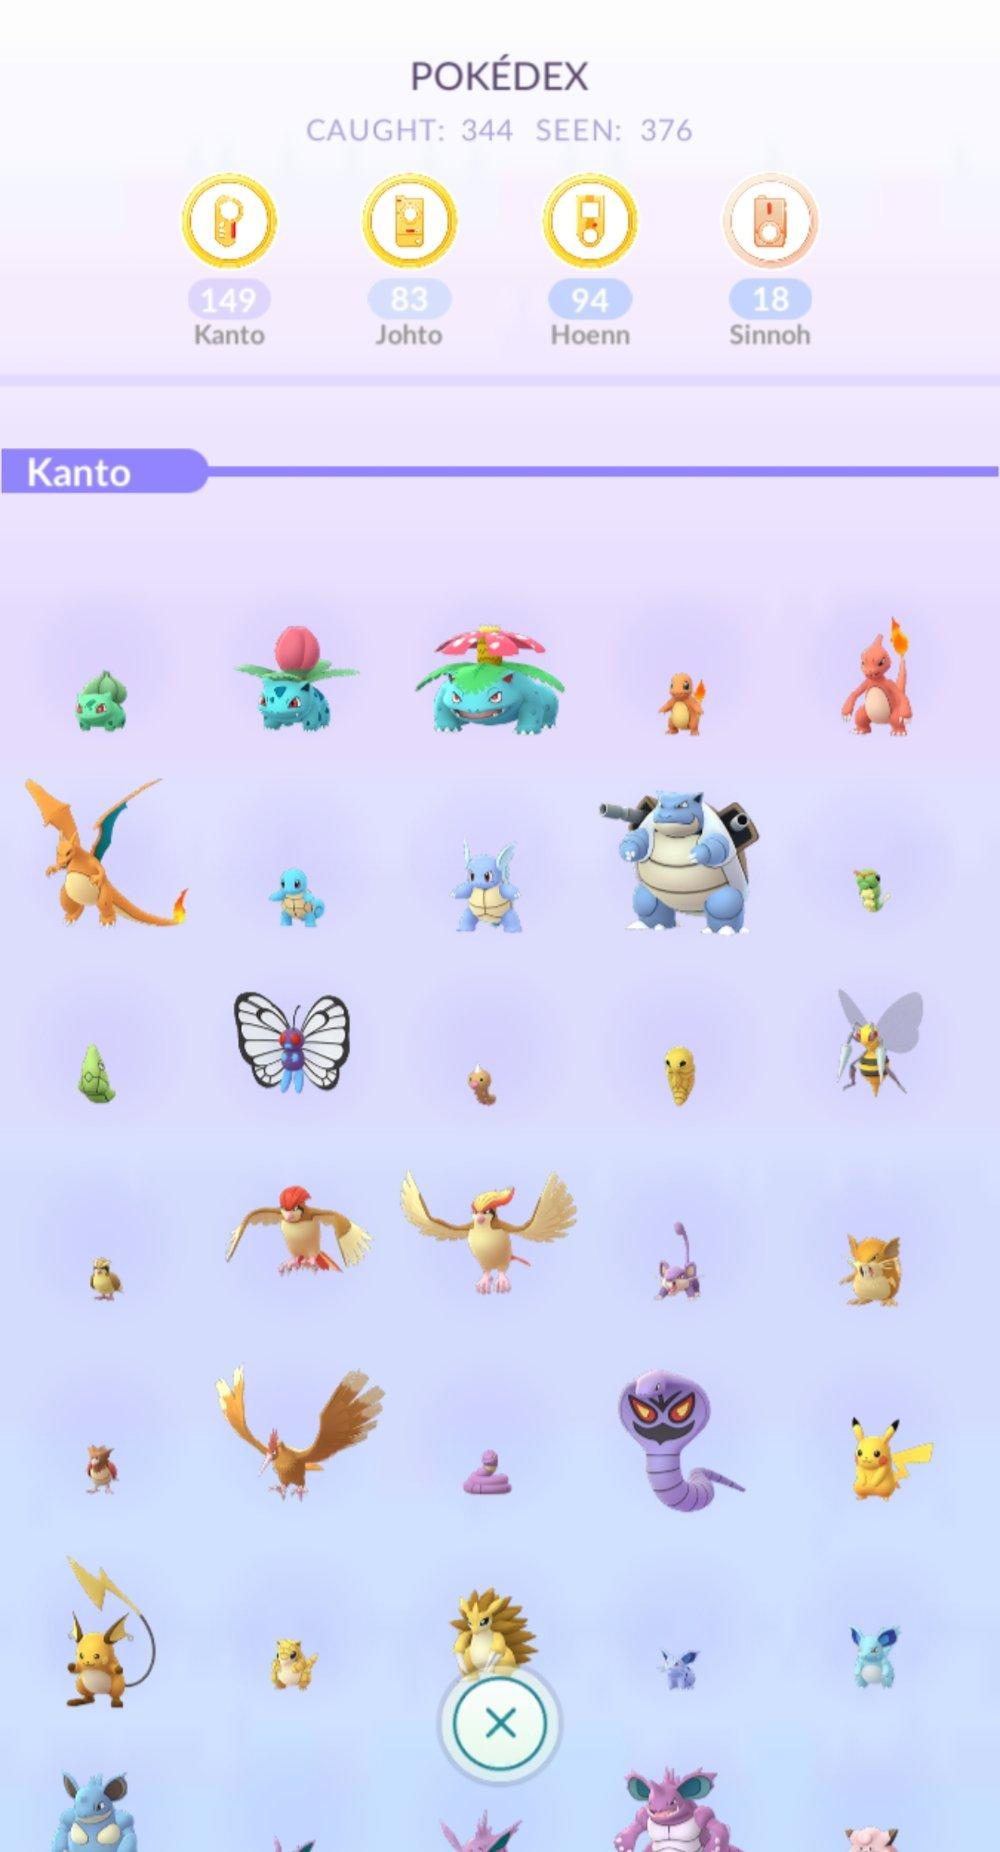 I still haven't caught them all…